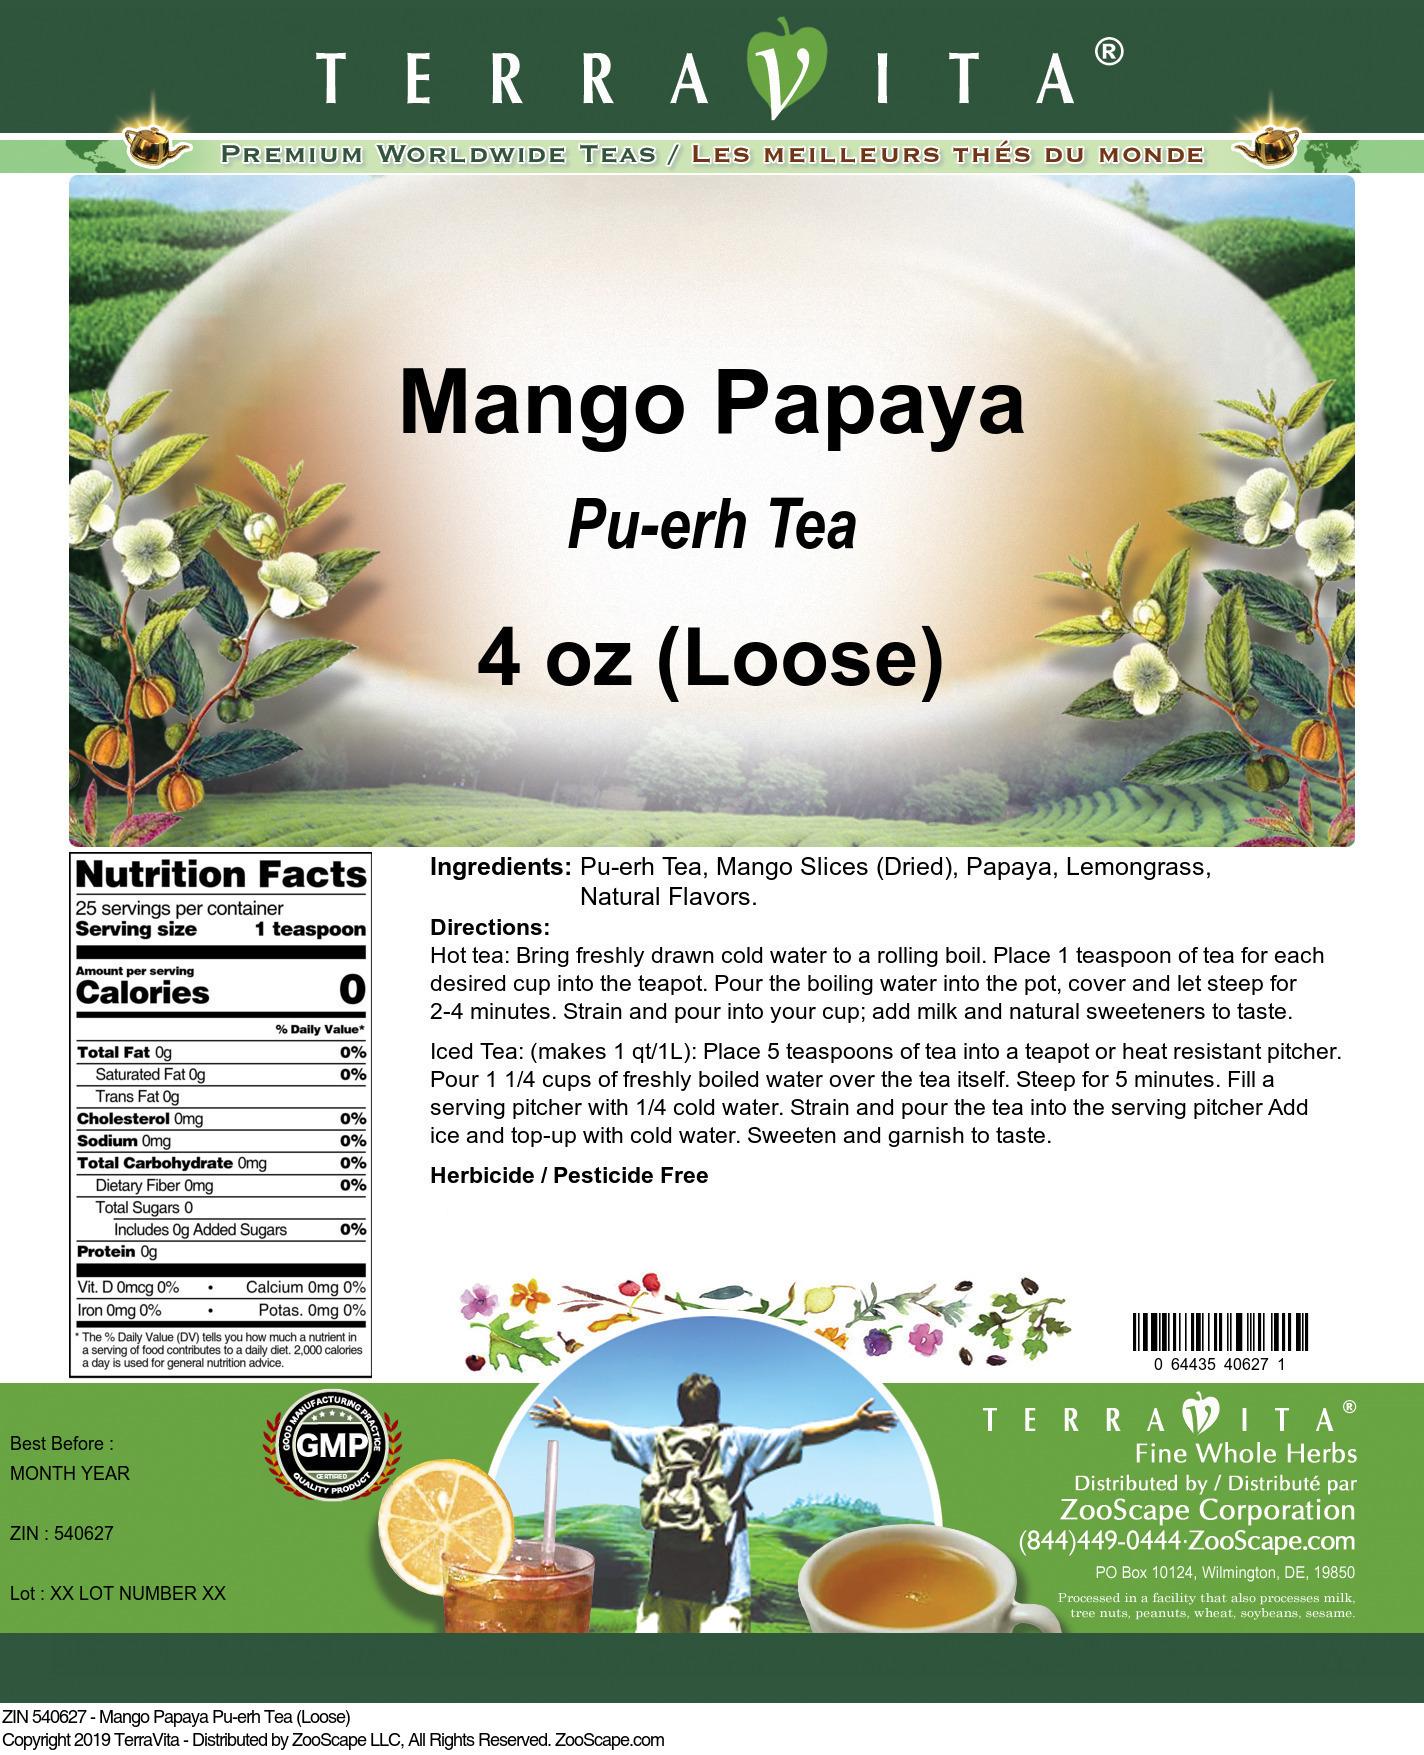 Mango Papaya Pu-erh Tea (Loose)